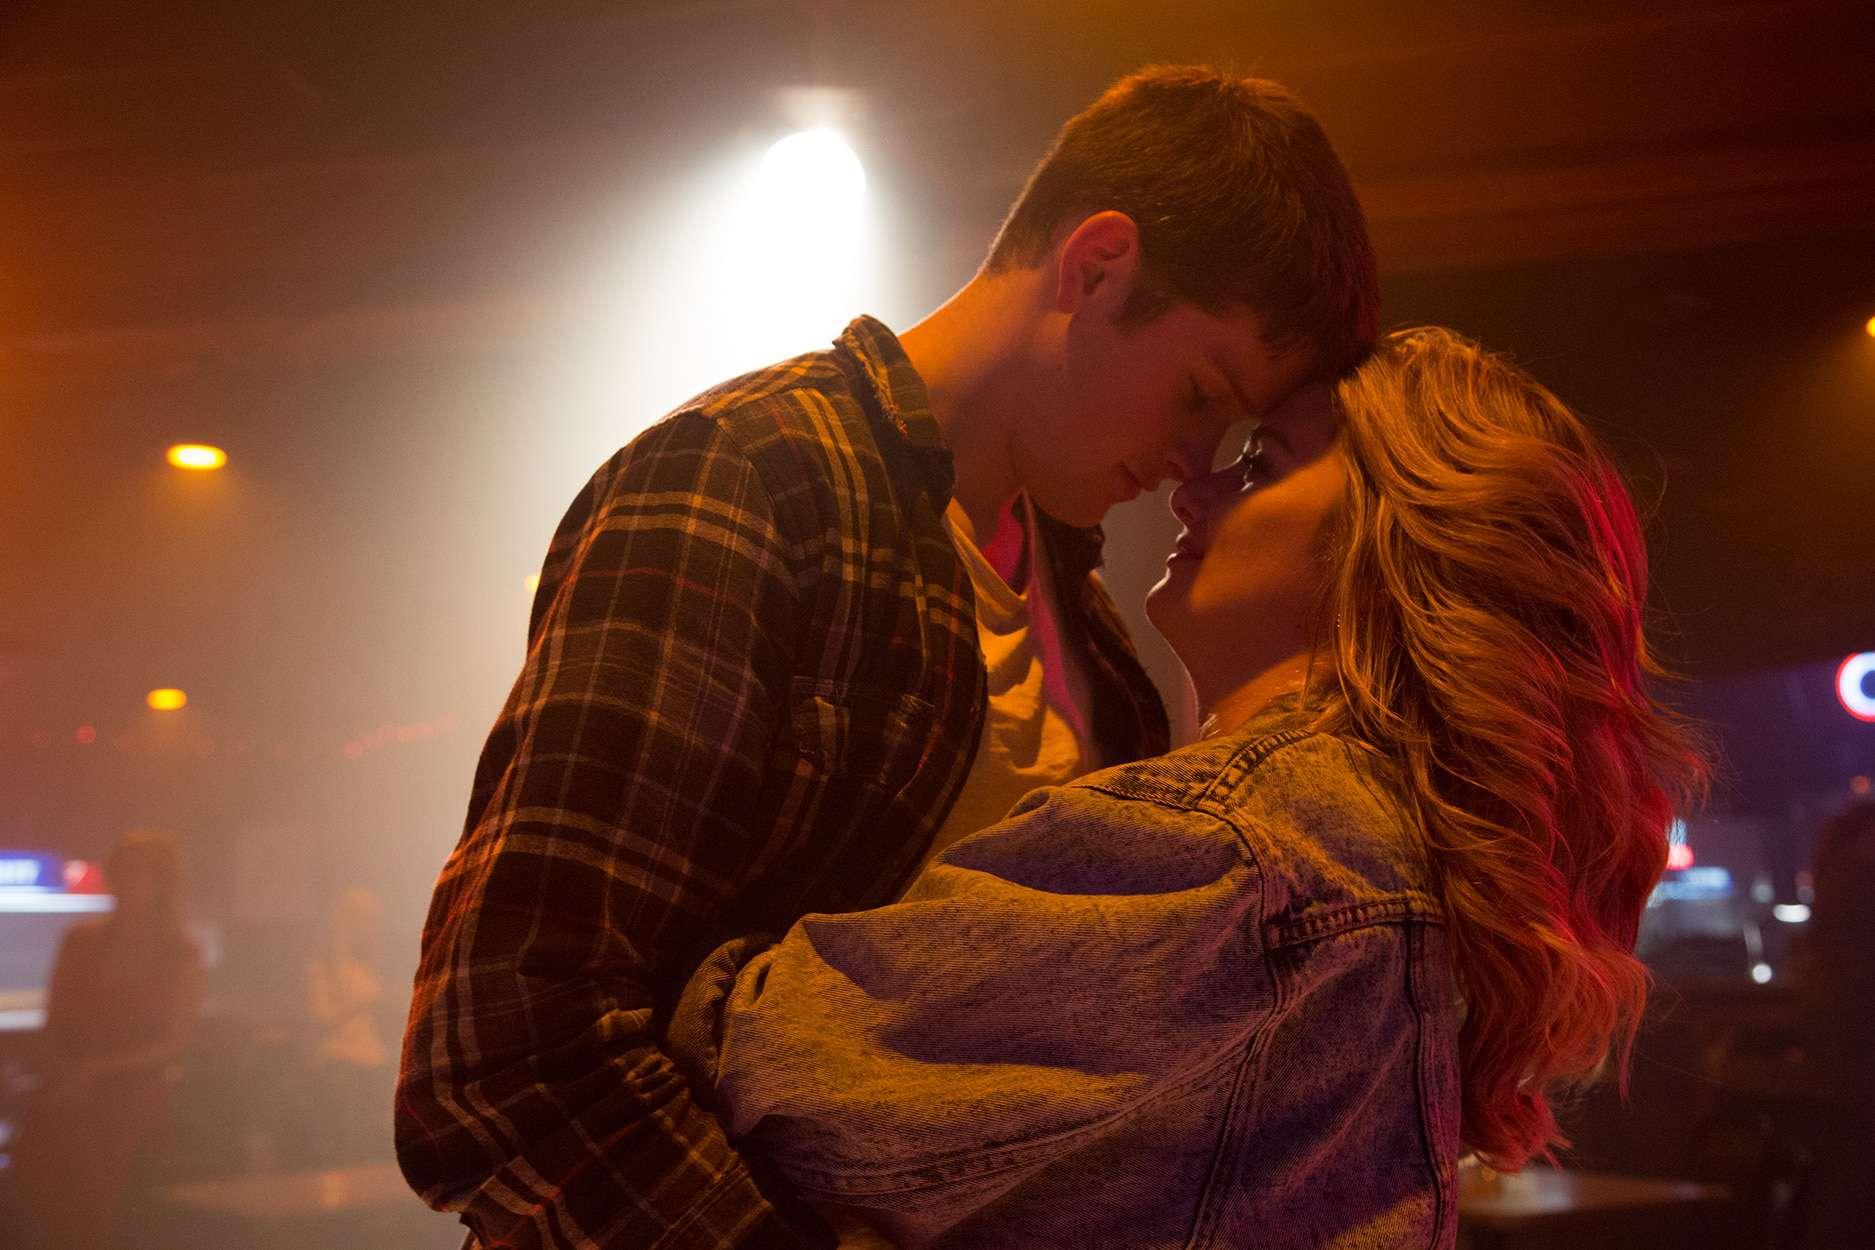 Brandon (Alex MacNicoll) and Pearla (Addison Timlin) dancing in a bar.